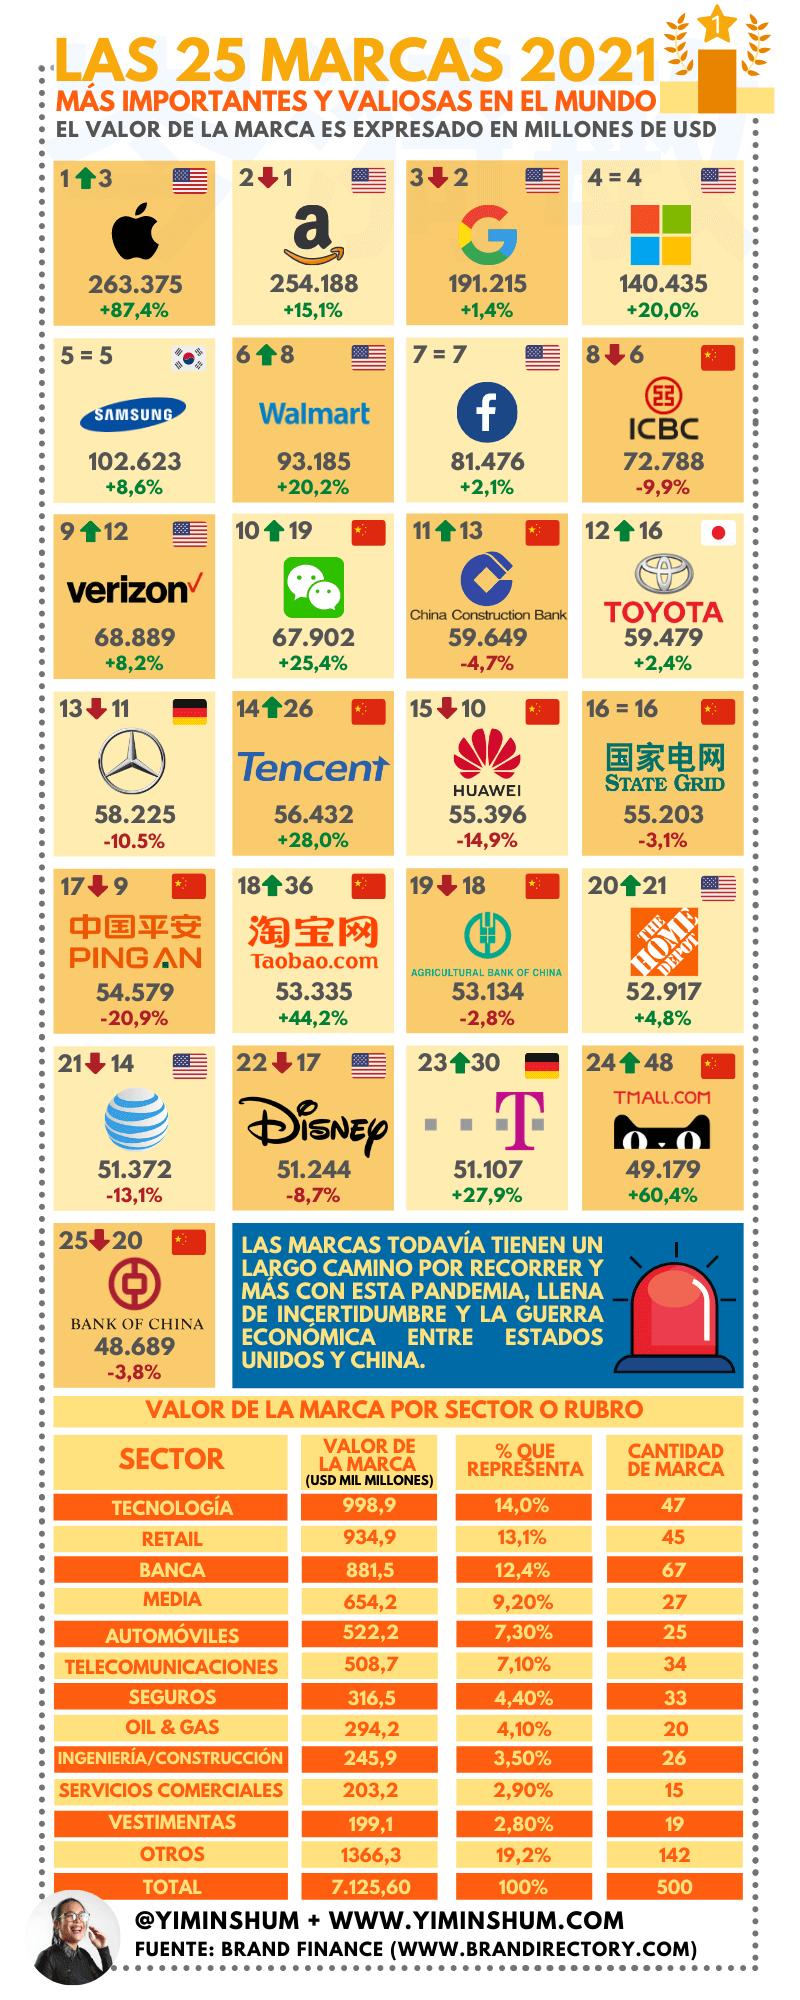 25 marcas más valiosas del mundo #infografia #infographic #marketing